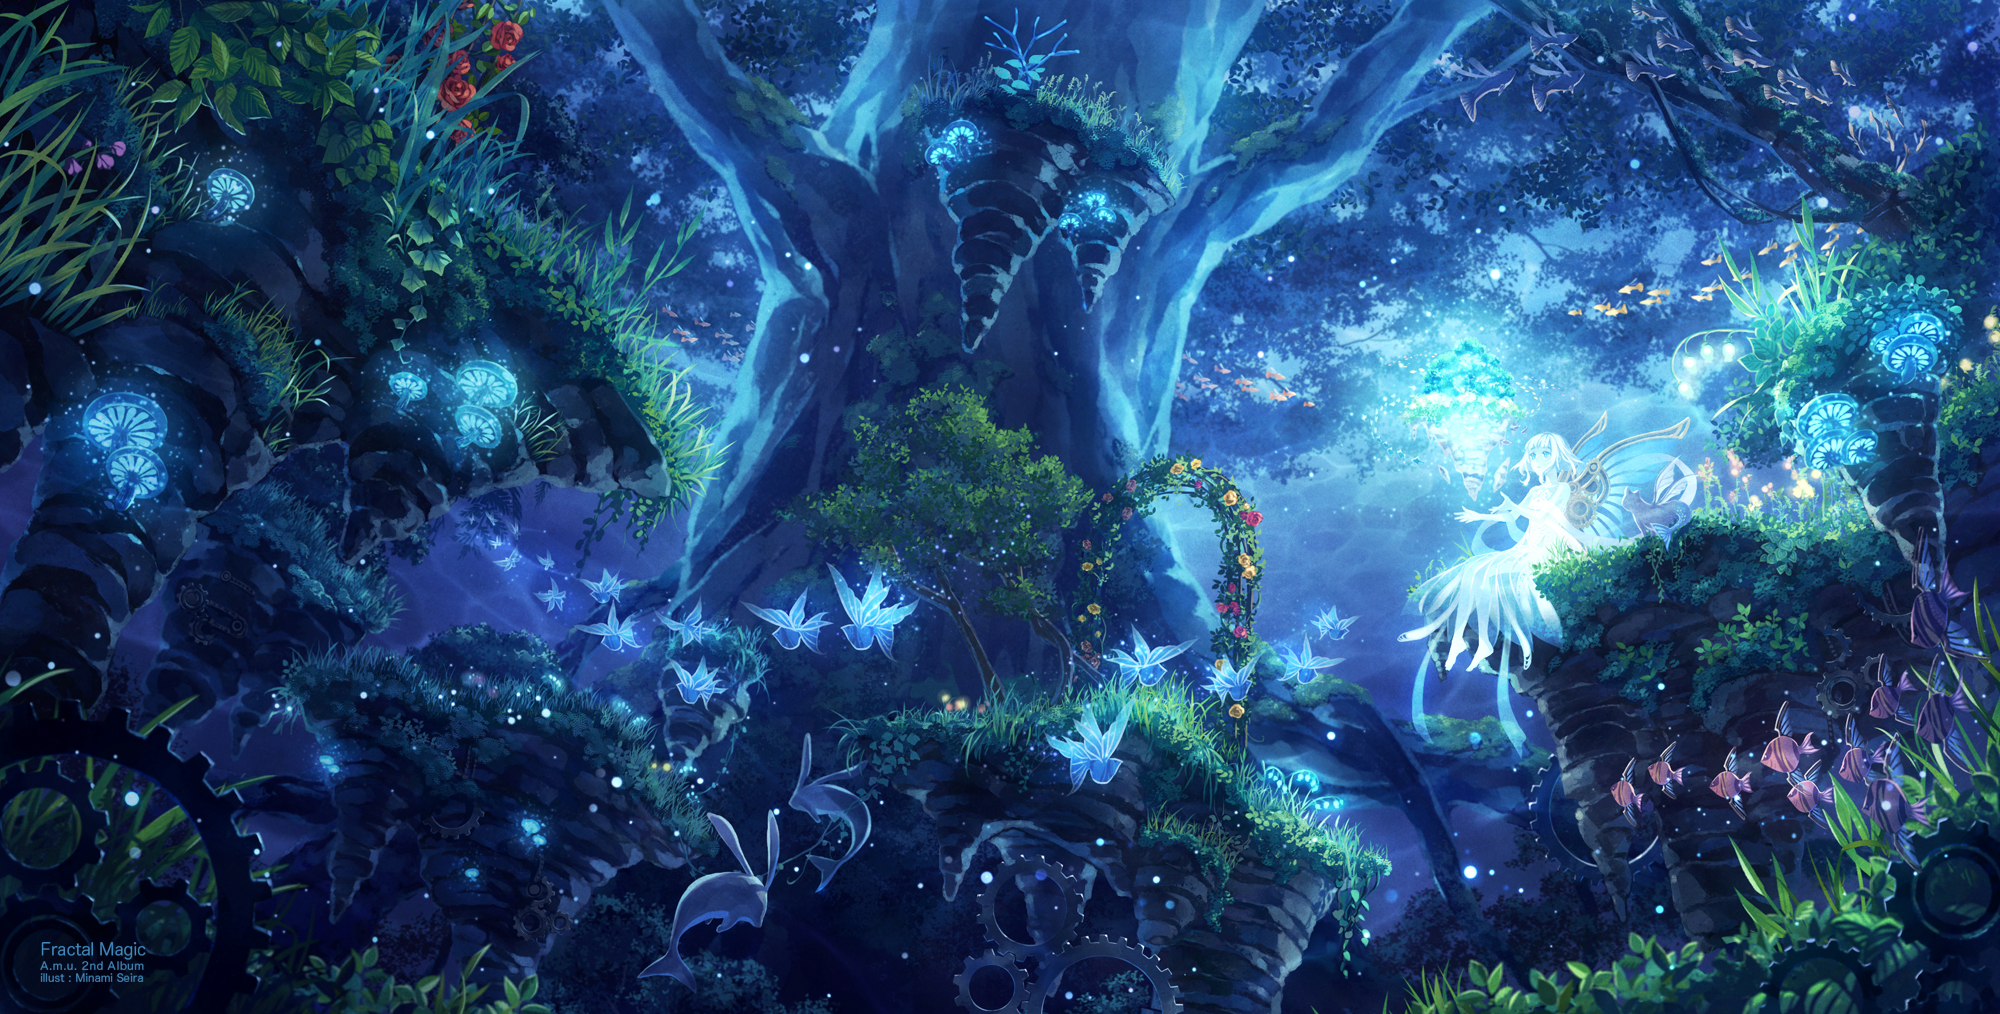 Fantasi Forest